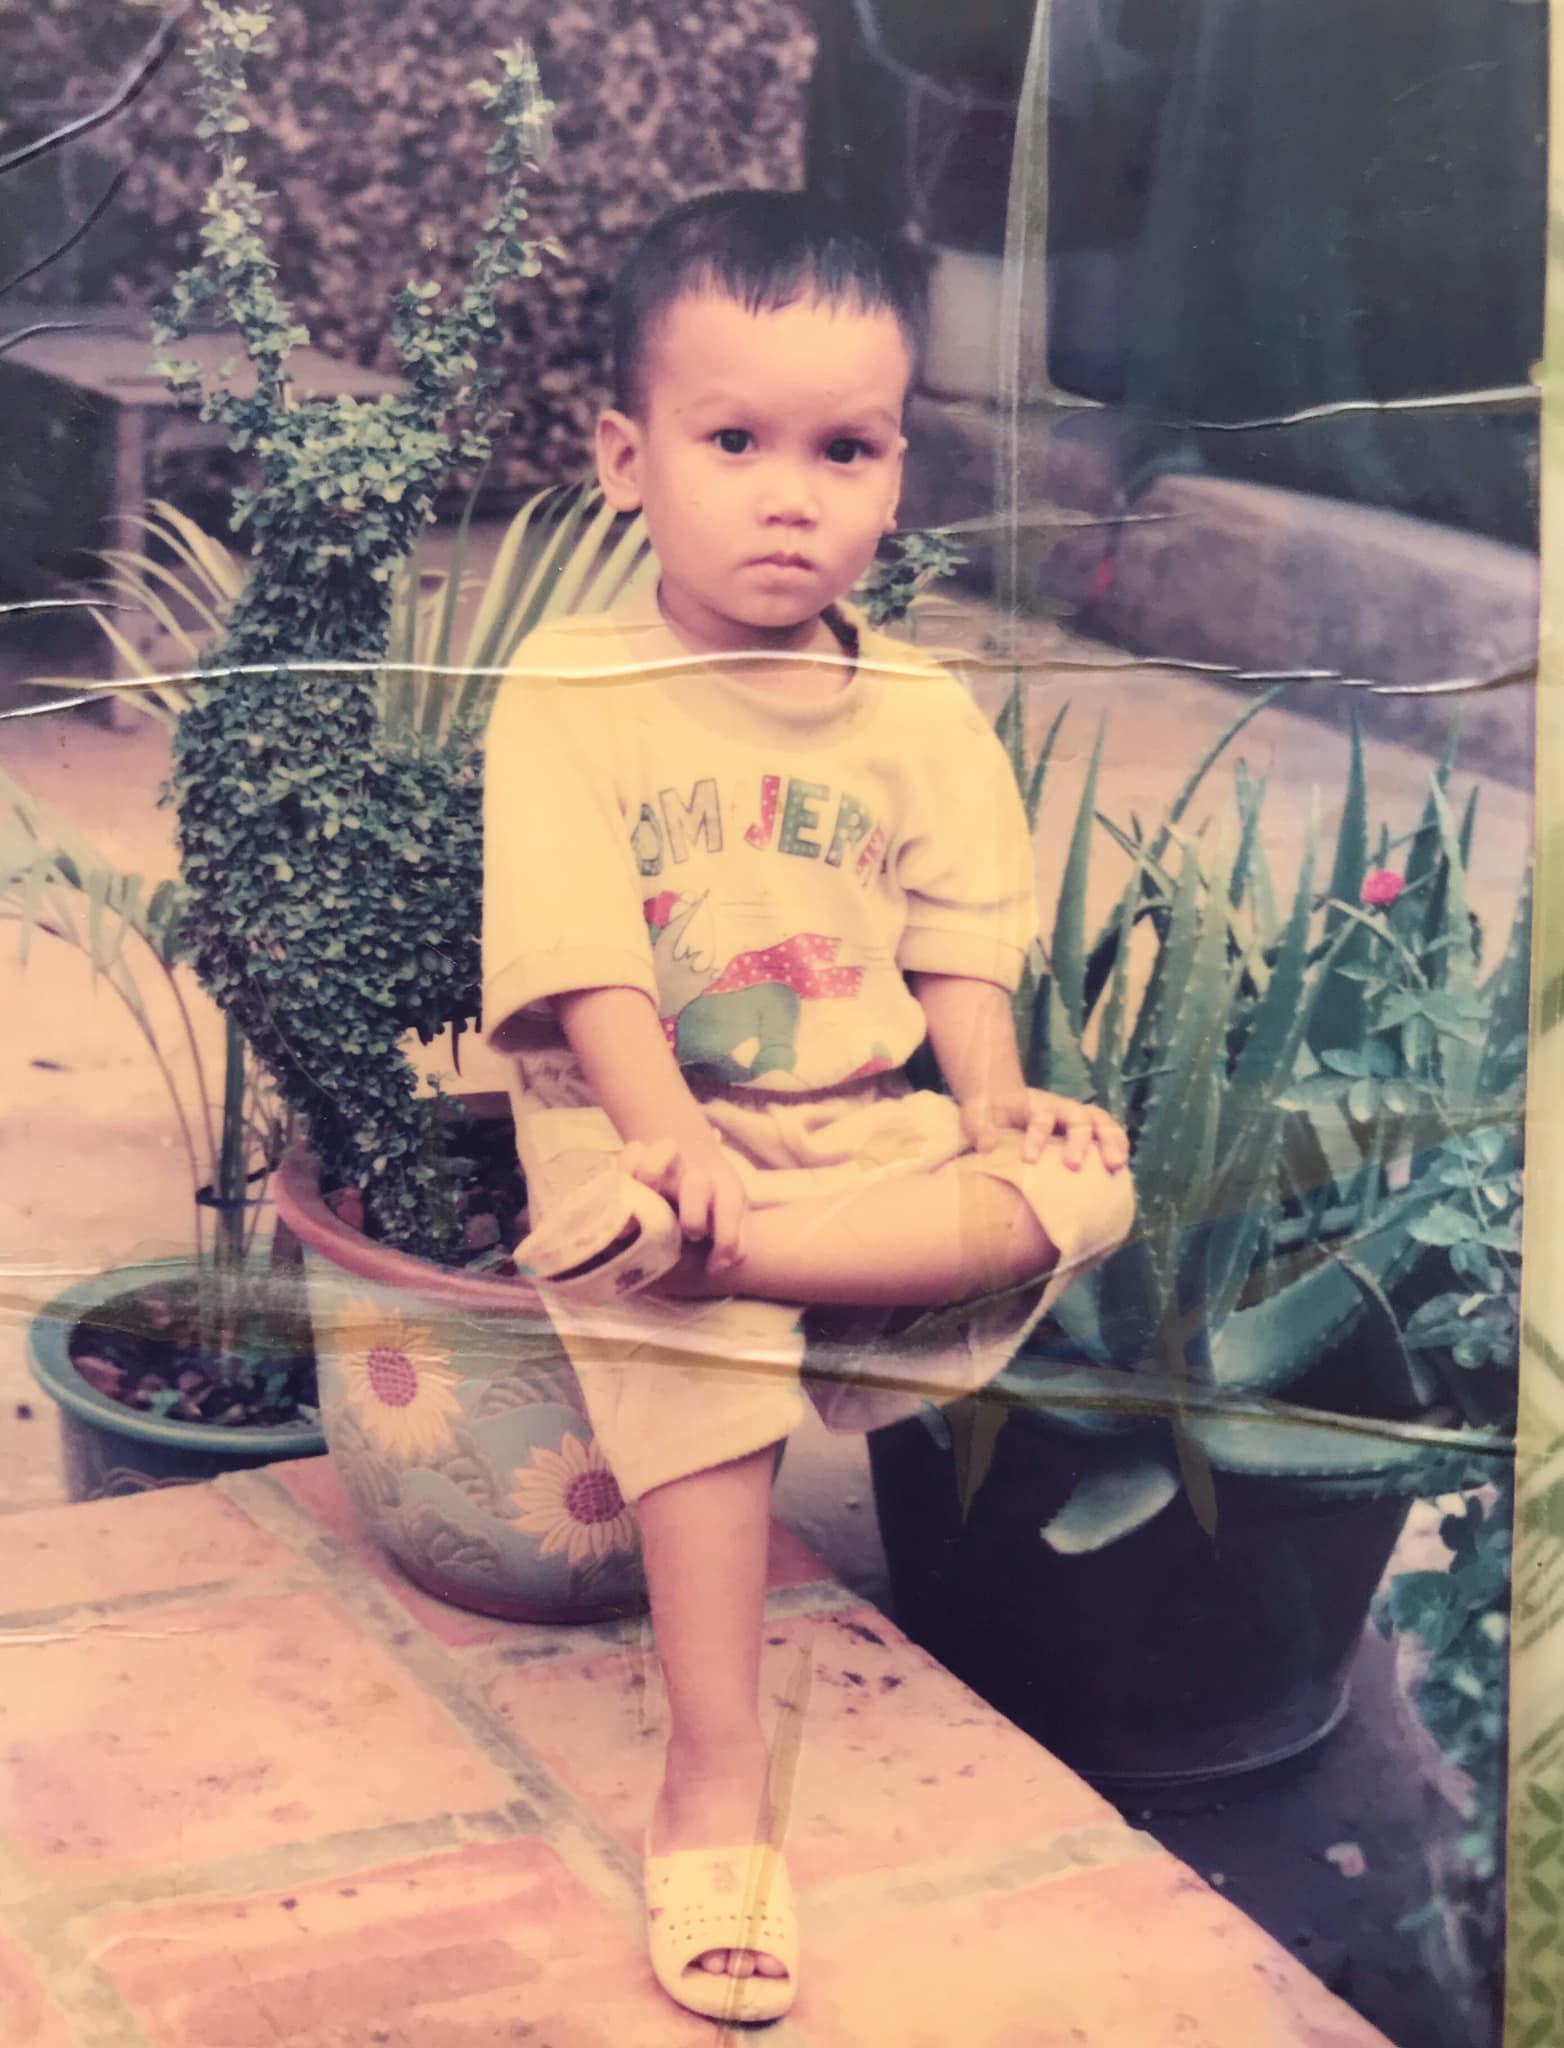 Anh Sinkô (sinh năm 1994, An Giang) cho biết bức ảnh được chụp vào dịp Tết 1998. Thuở nhỏ, tôi chỉ mong chờ đến Tết để được chụp ảnh, mặc quần áo mới. Trong ảnh là đồ mới cha tôi mua